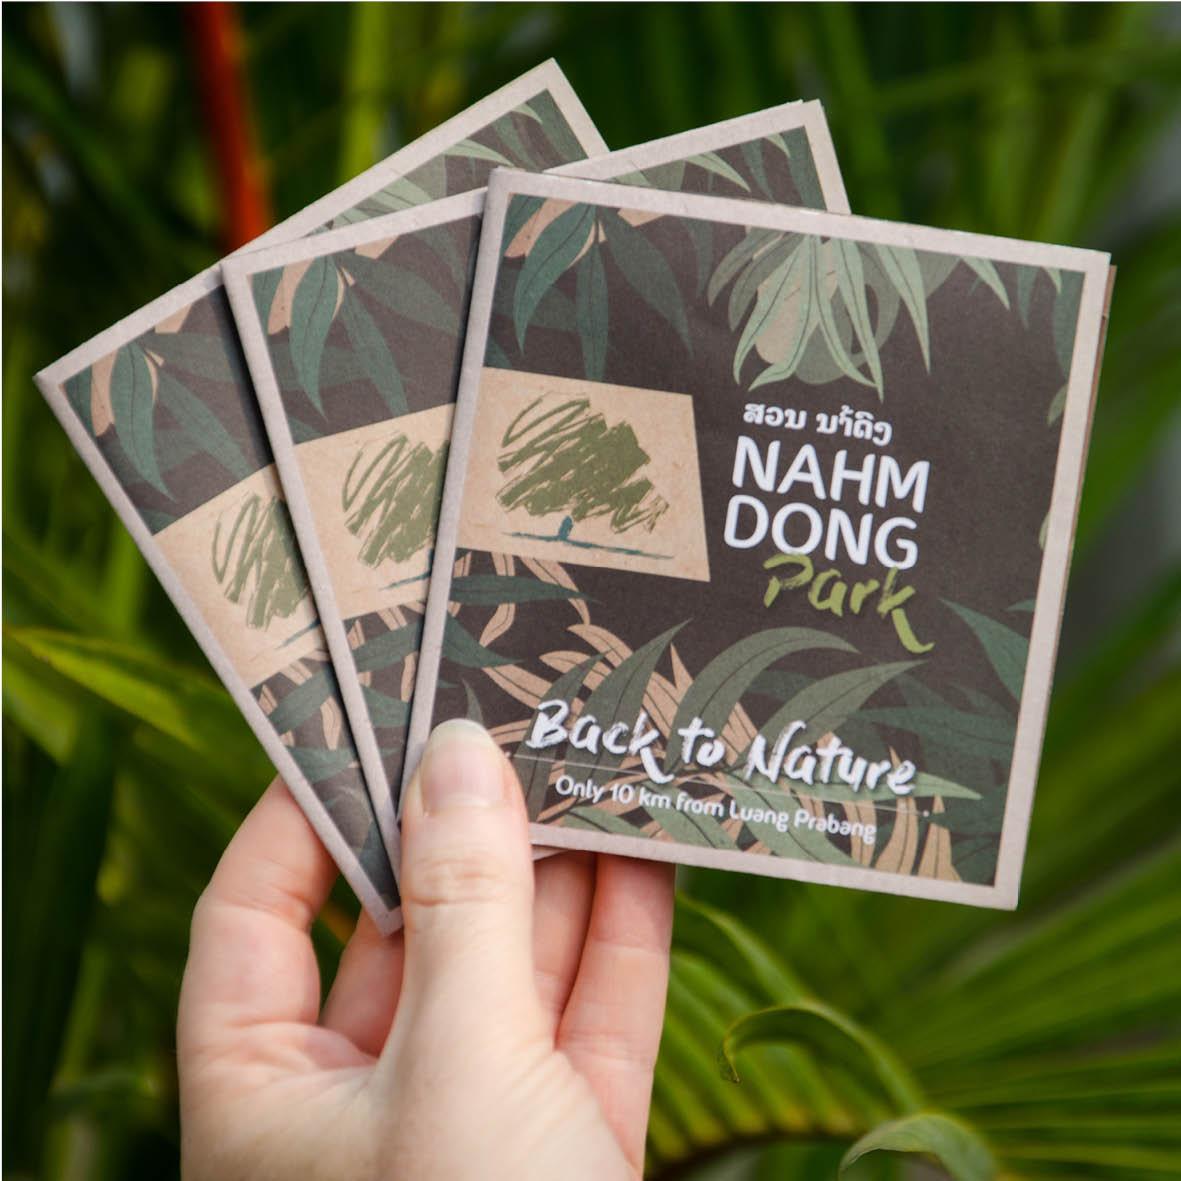 Nahm Dong Park